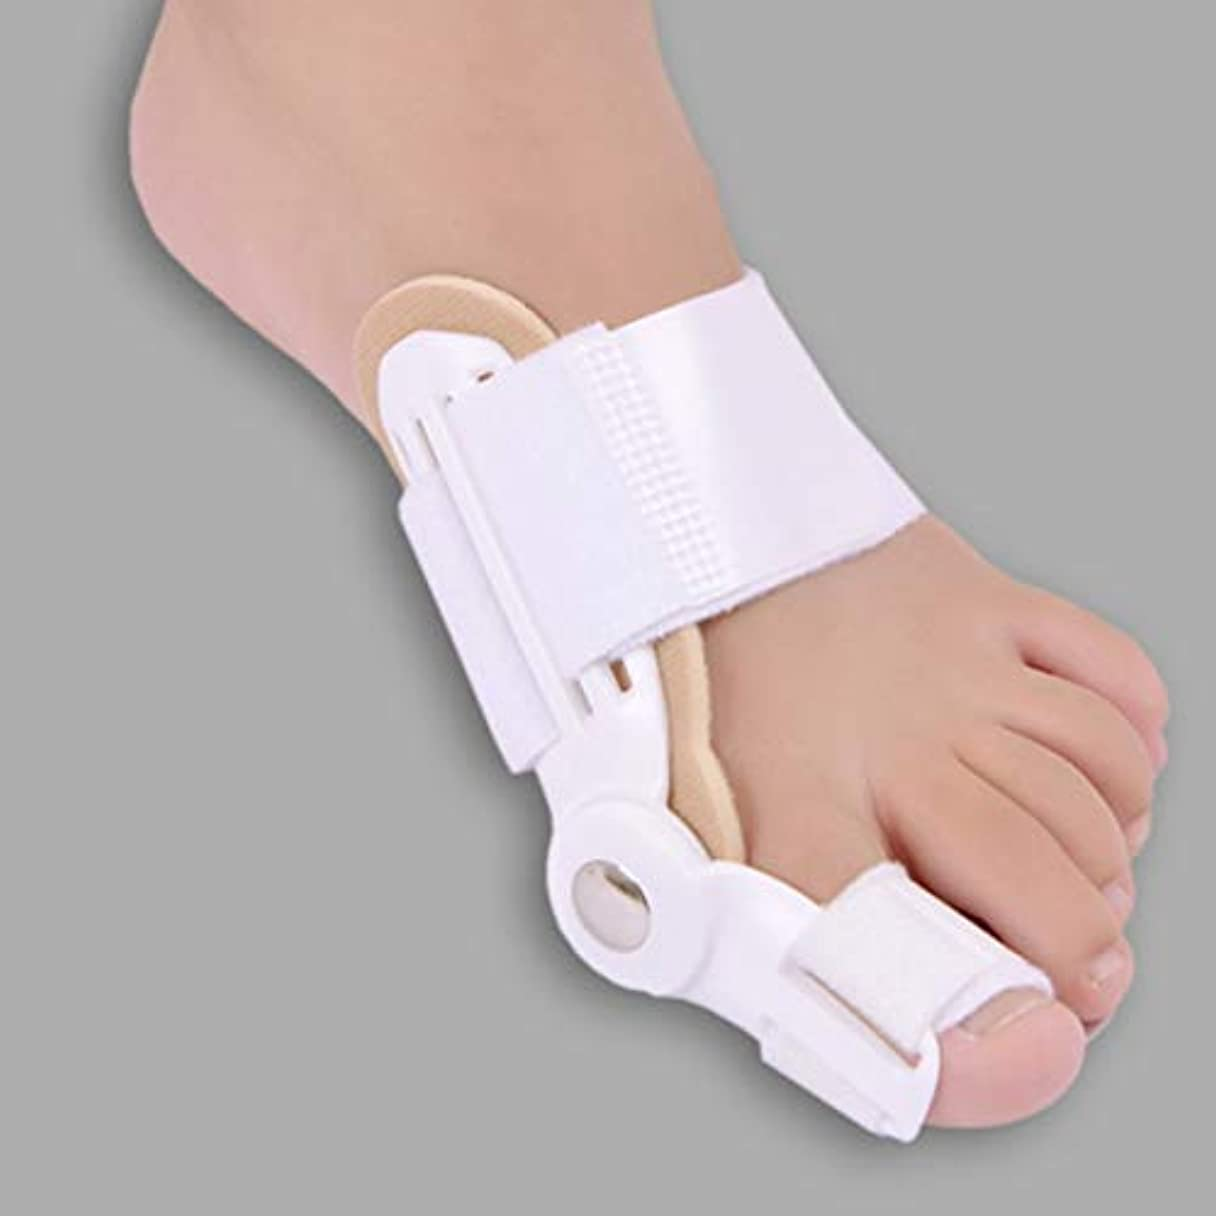 しばしば感染する起きる1pcs Bunion Pain Relief Gel Toe Separators Stretchers Spreaders Foot Pads Cushion Feet Care Shoes Insoles Pad